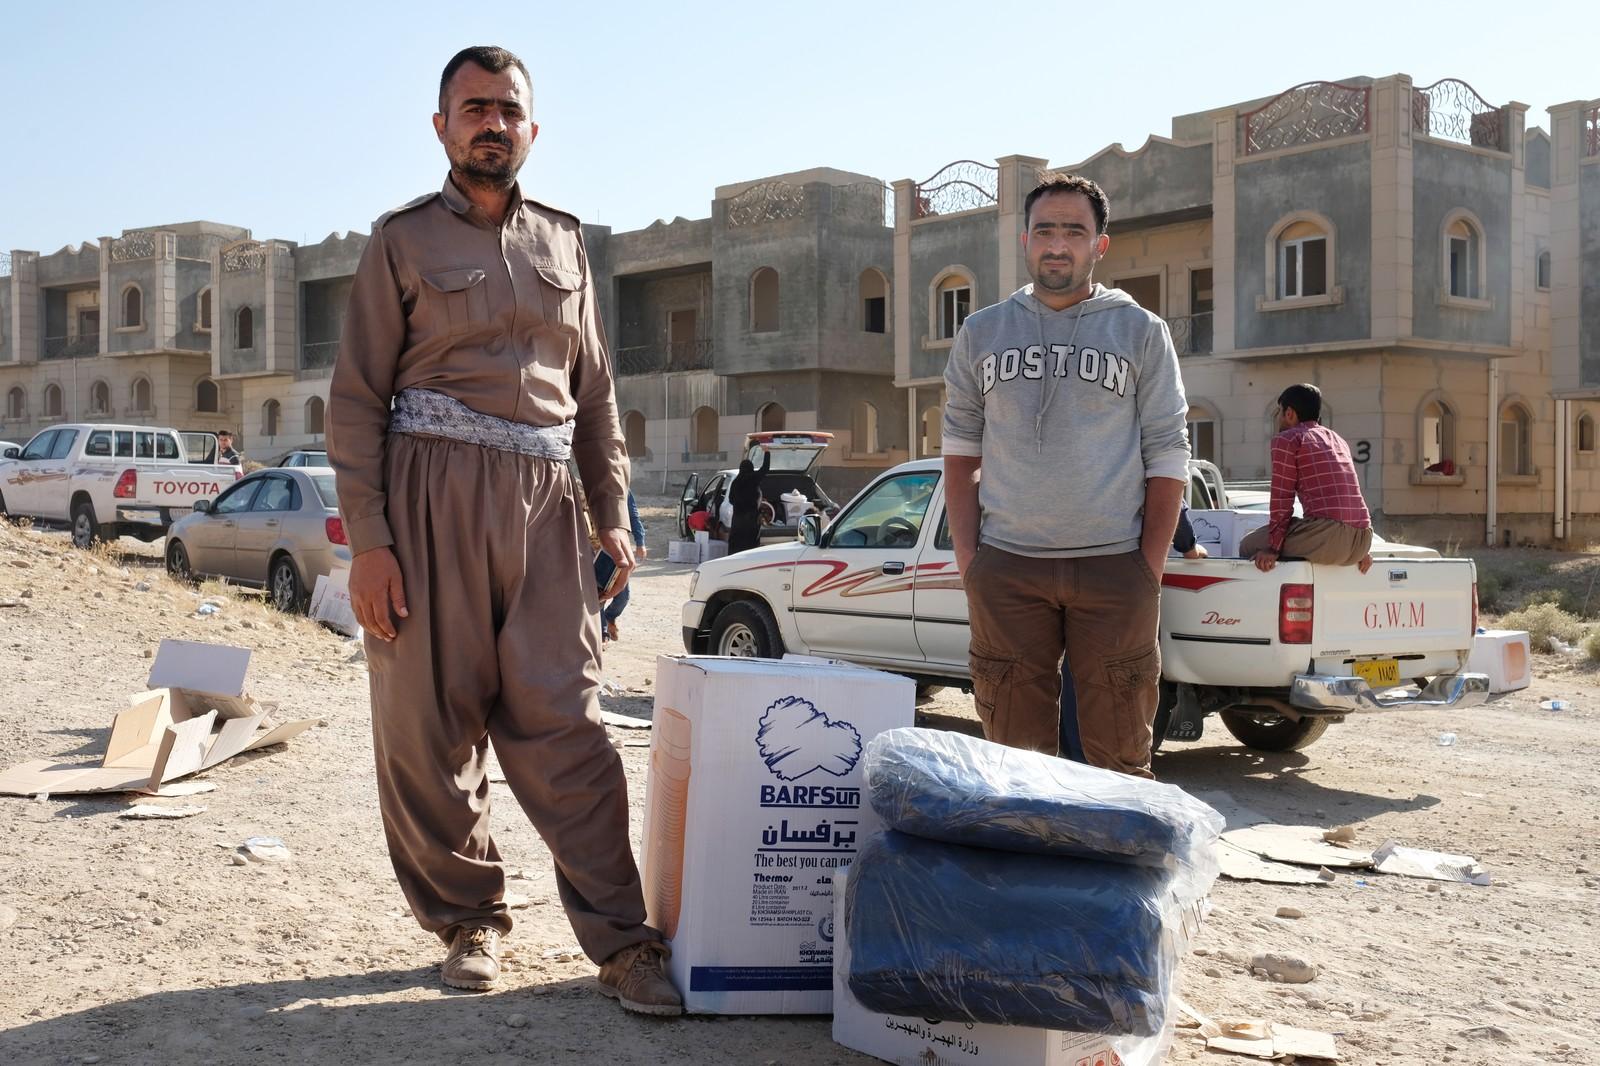 Jalals bror dukker opp fra folkehavet, de ser hverandre for første gang siden flukten fra Kirkuk.